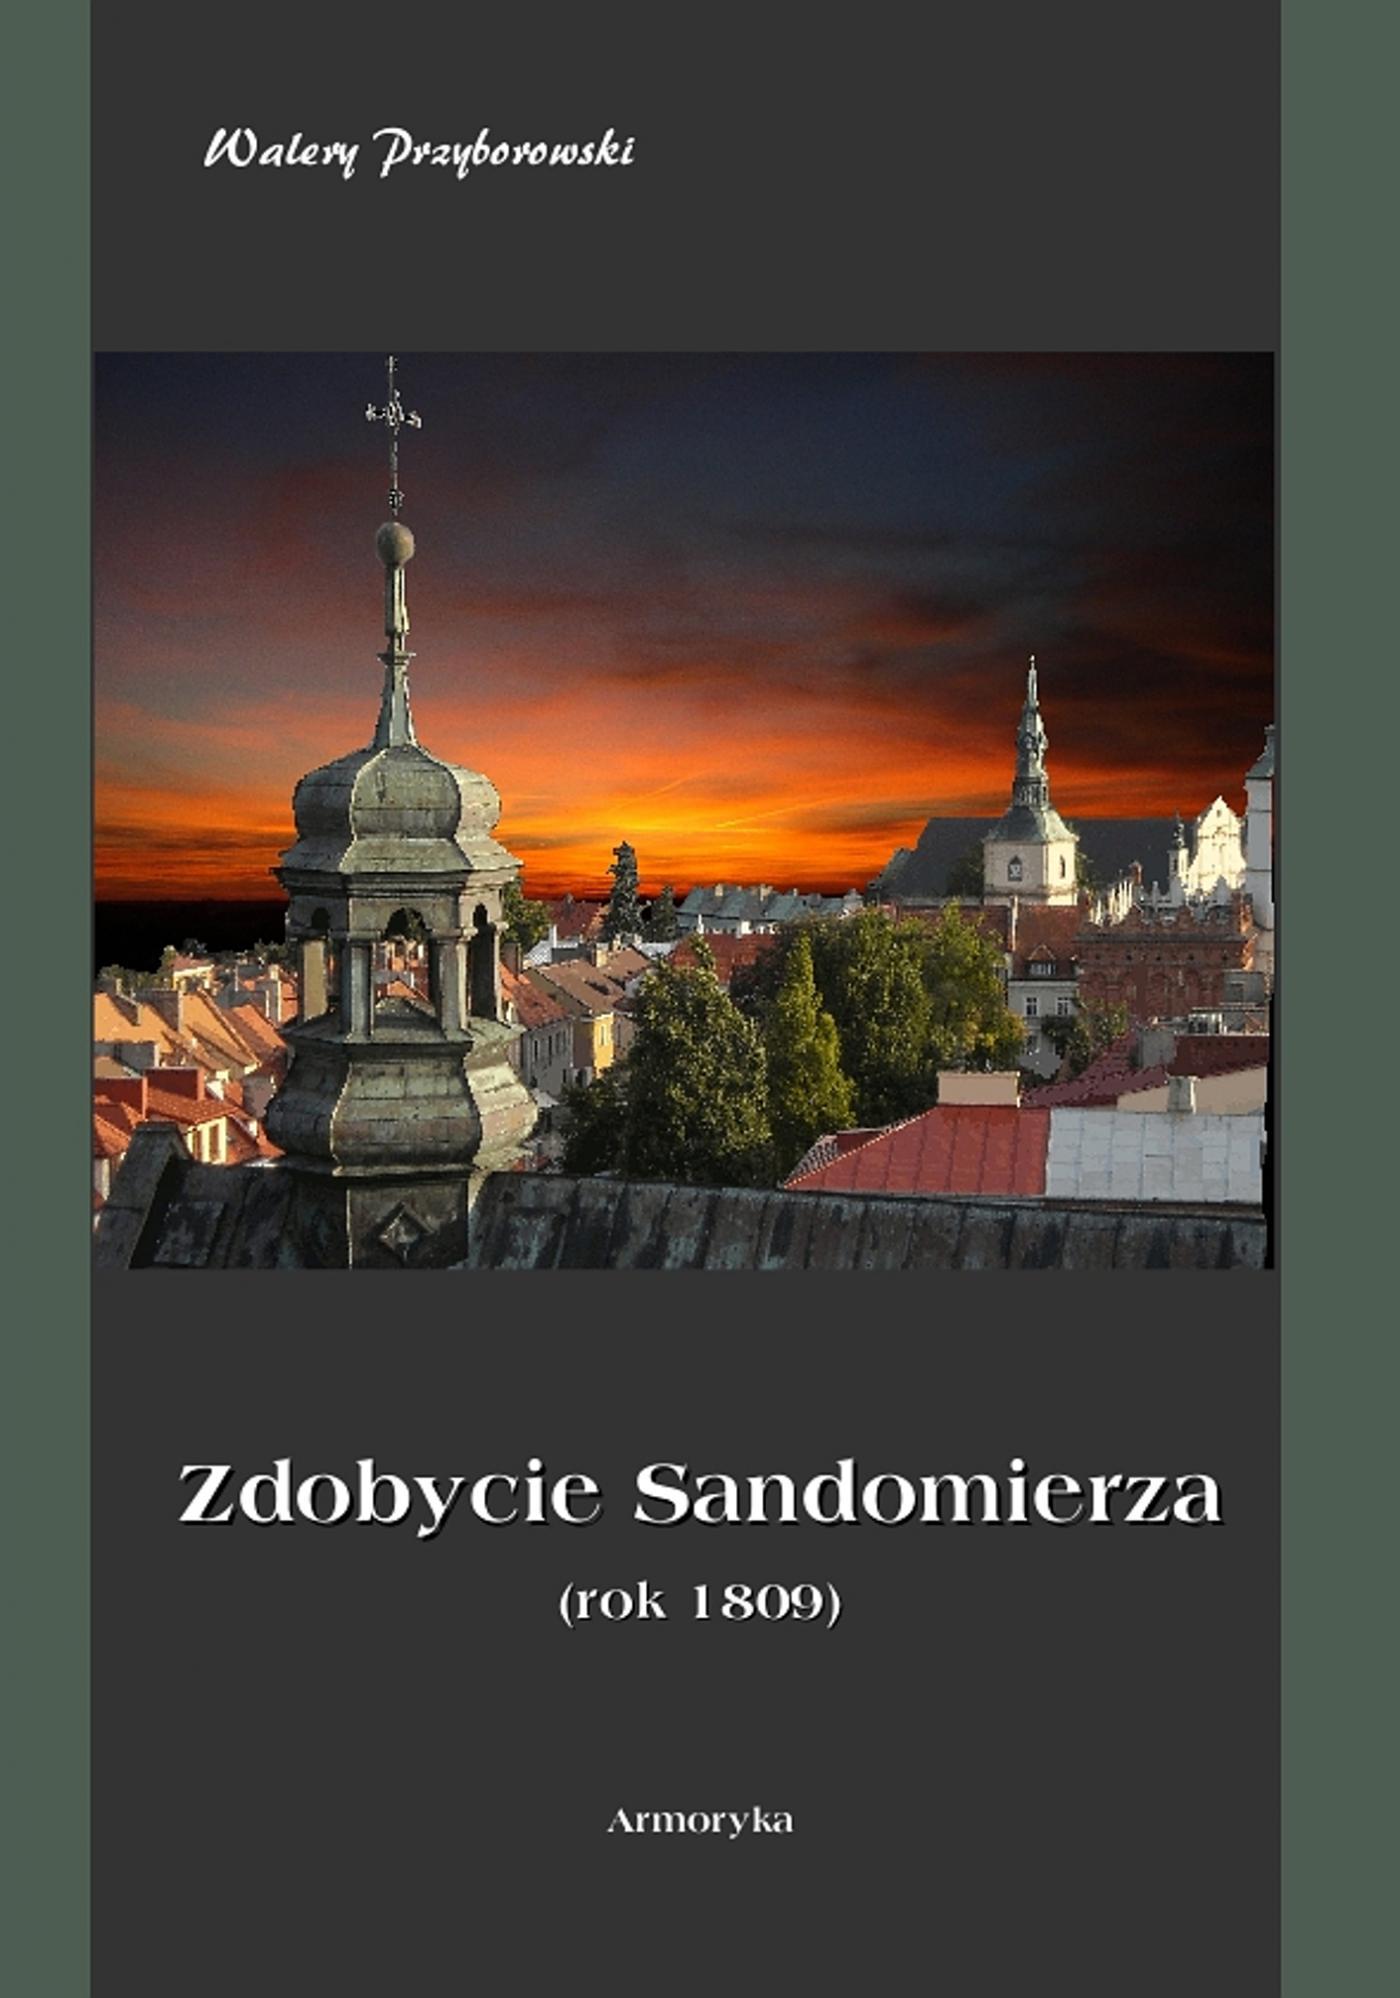 Zdobycie Sandomierza. Rok 1809 - Ebook (Książka EPUB) do pobrania w formacie EPUB